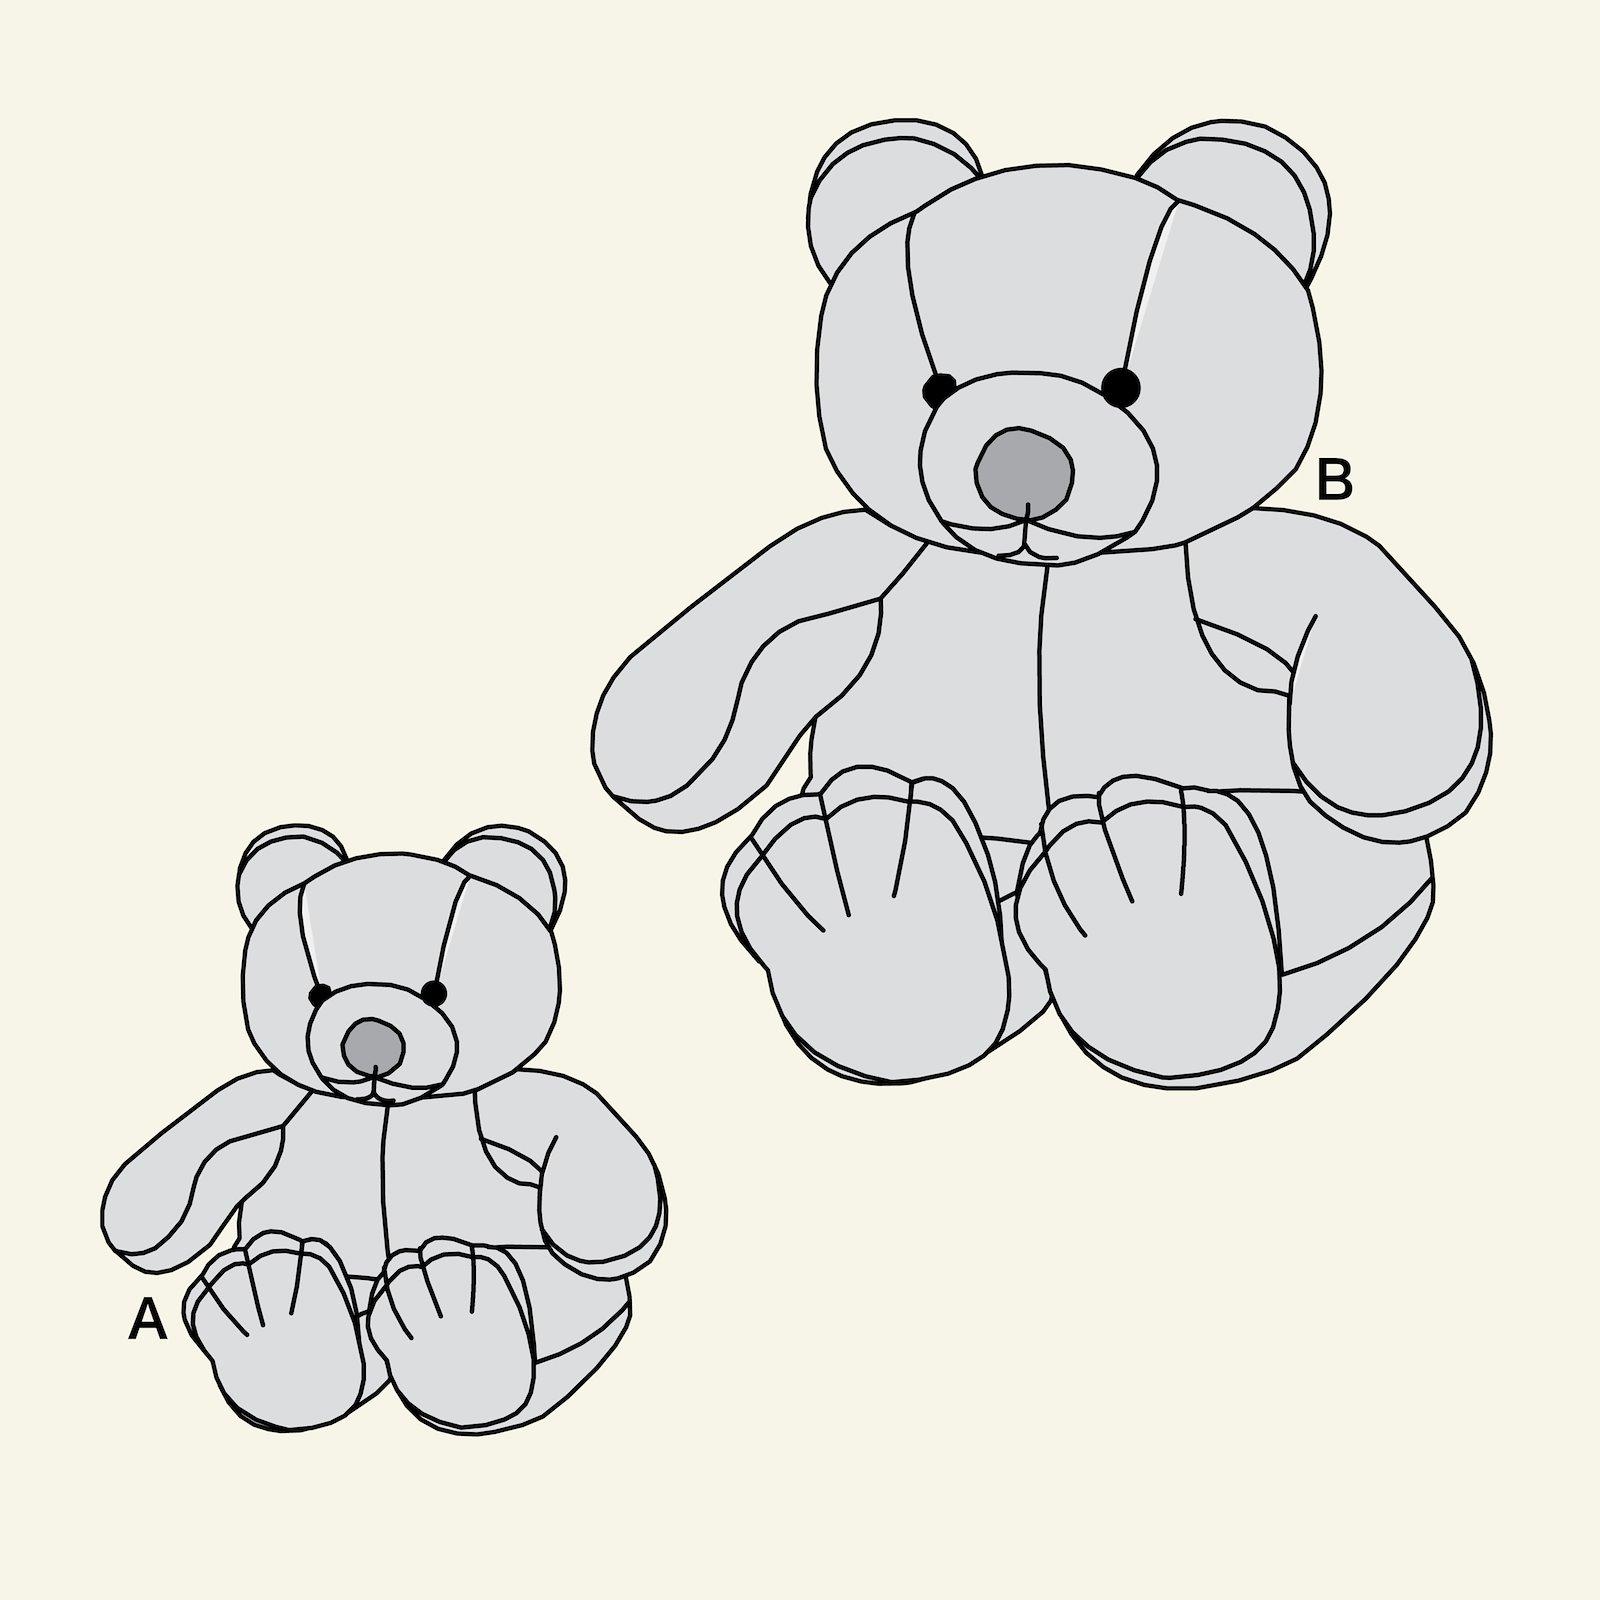 Teddy bear p90070_pack